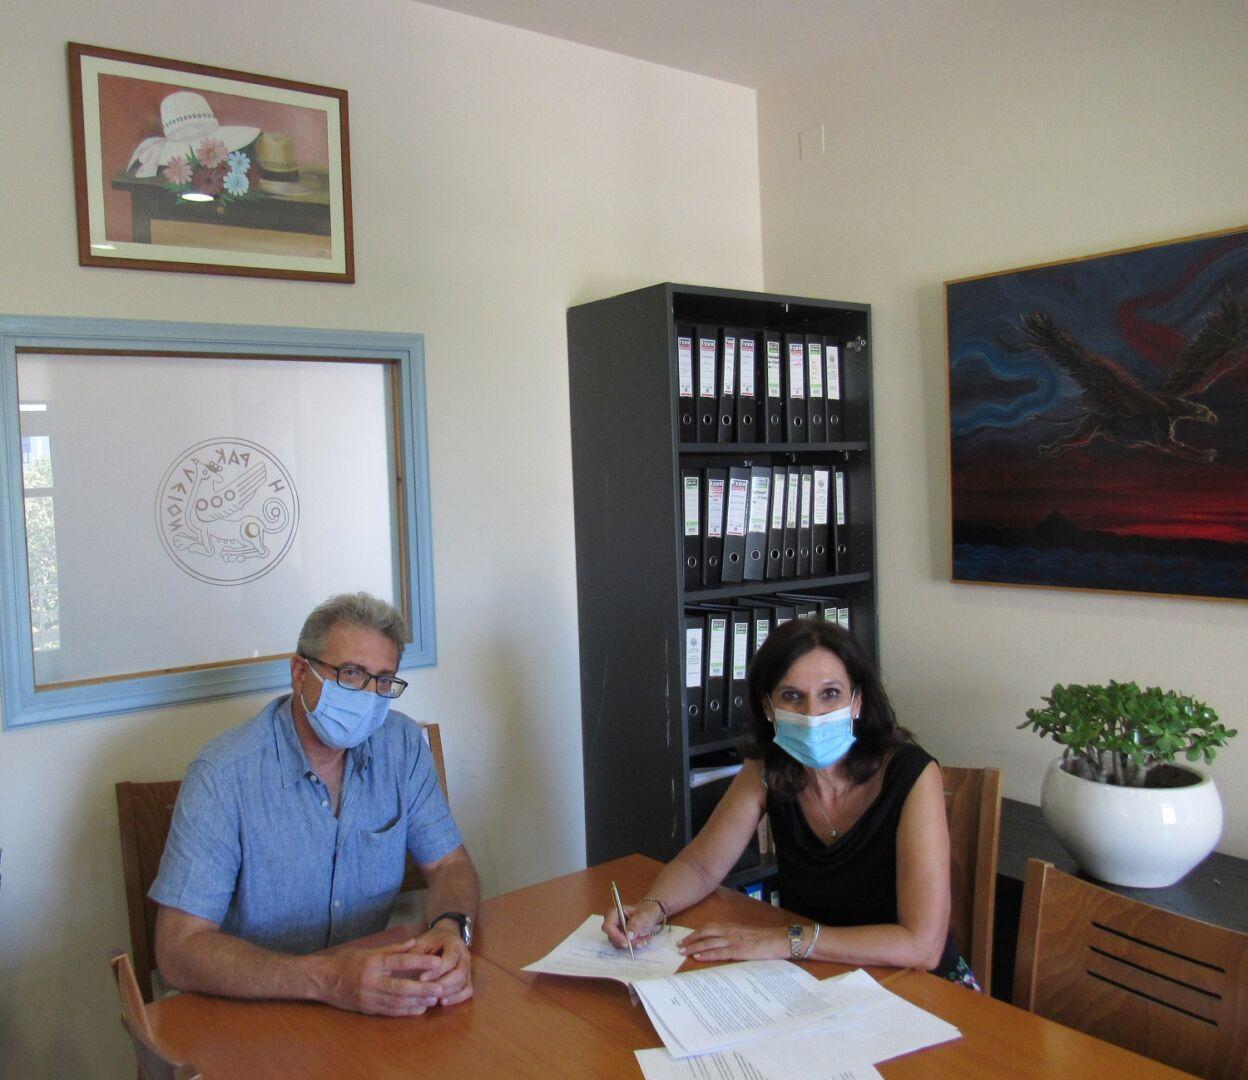 Παιδικά Χωριά SOS – Δήμος Ηρακλείου : Ενώνουμε τις δυνάμεις μας για τη στήριξη οικογενειών